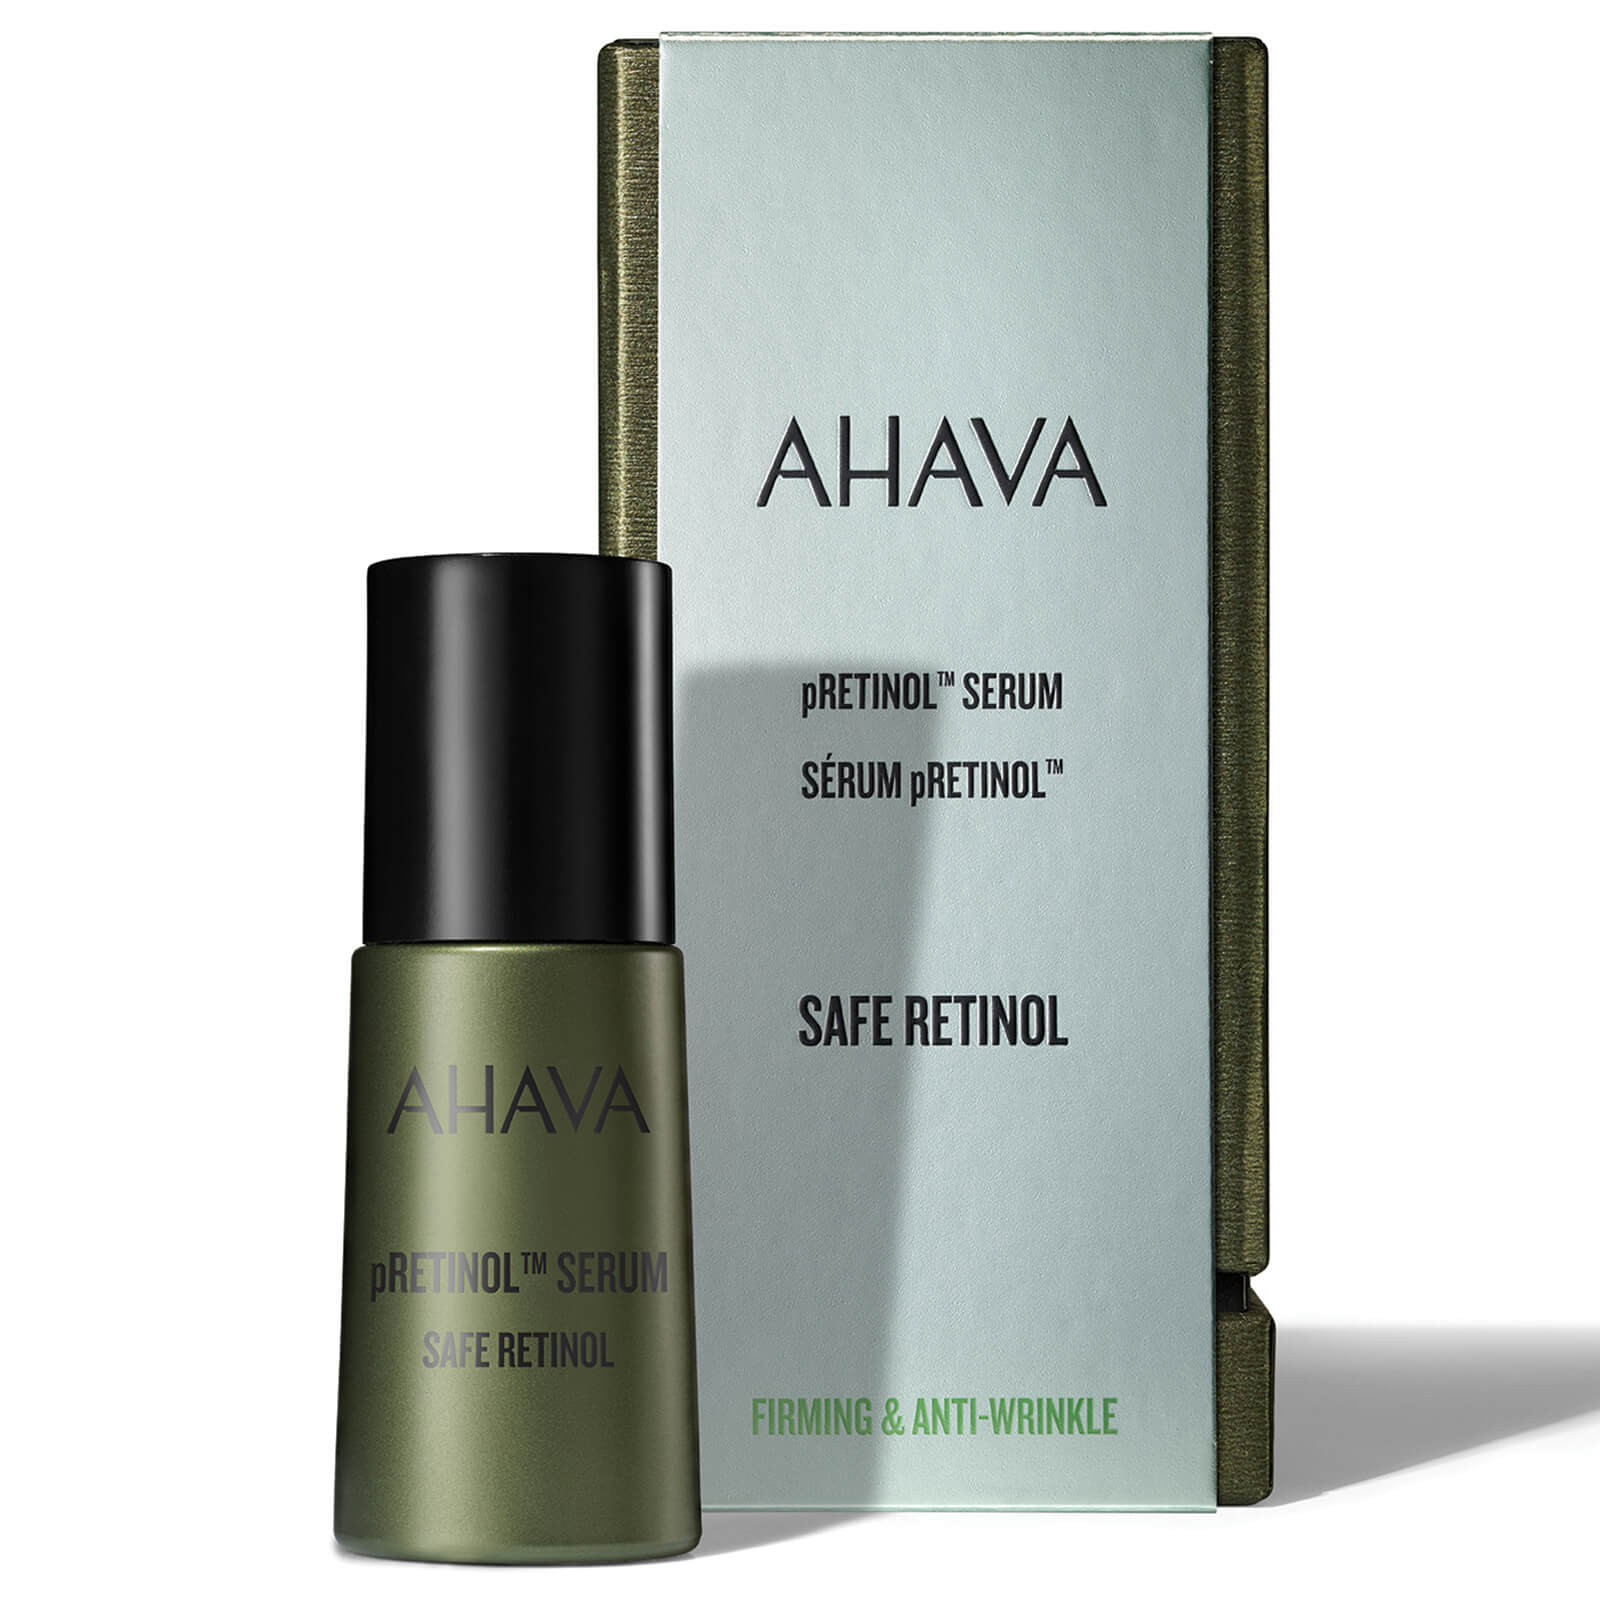 AHAVA Safe pRetinol Serum 30ml